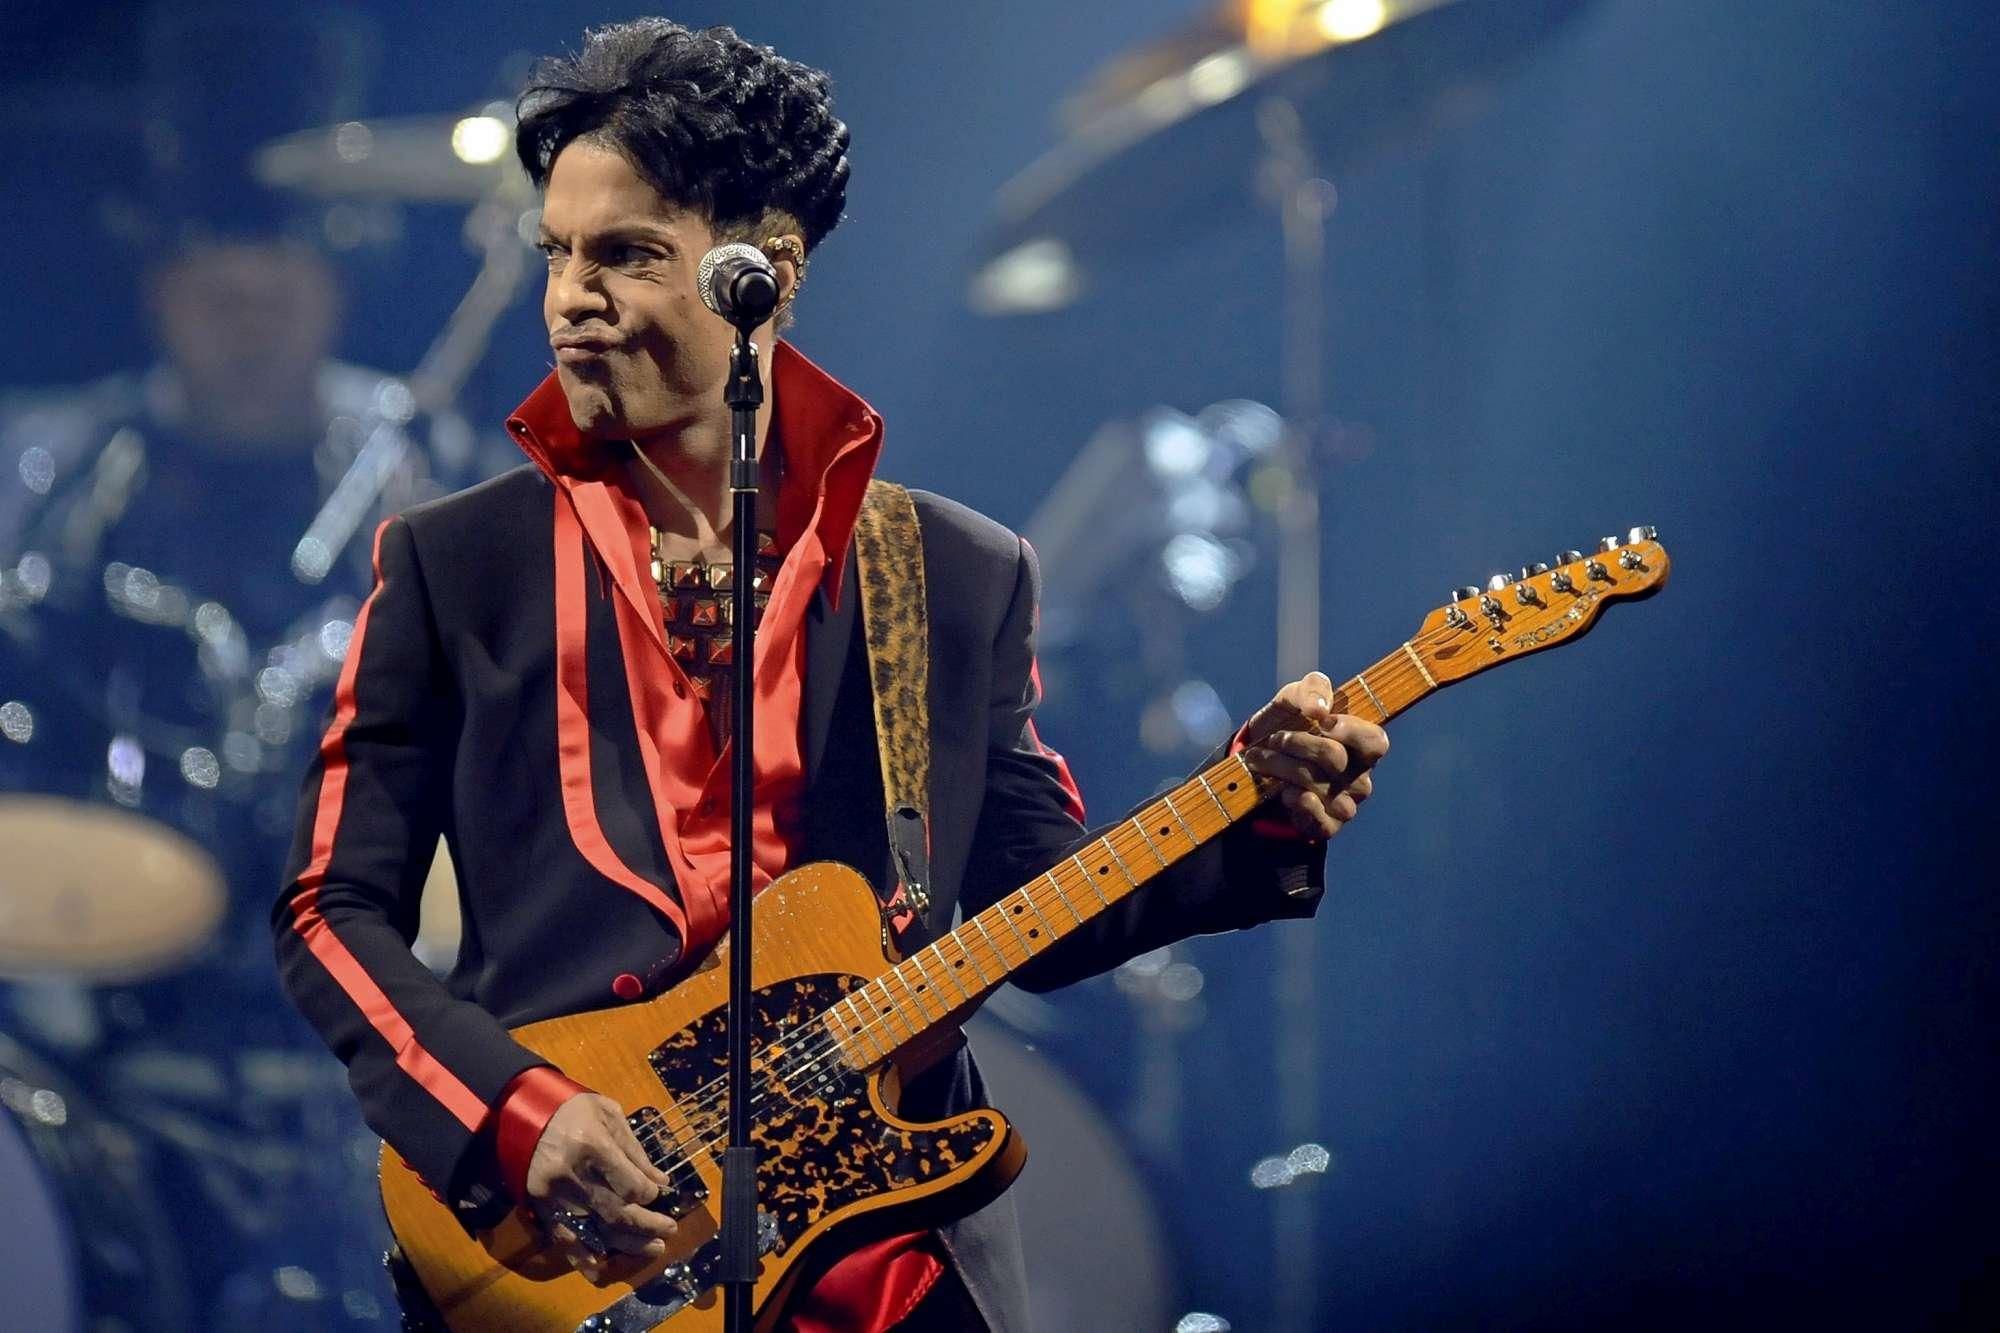 Addio a Prince, il Folletto che conquistò il mondo